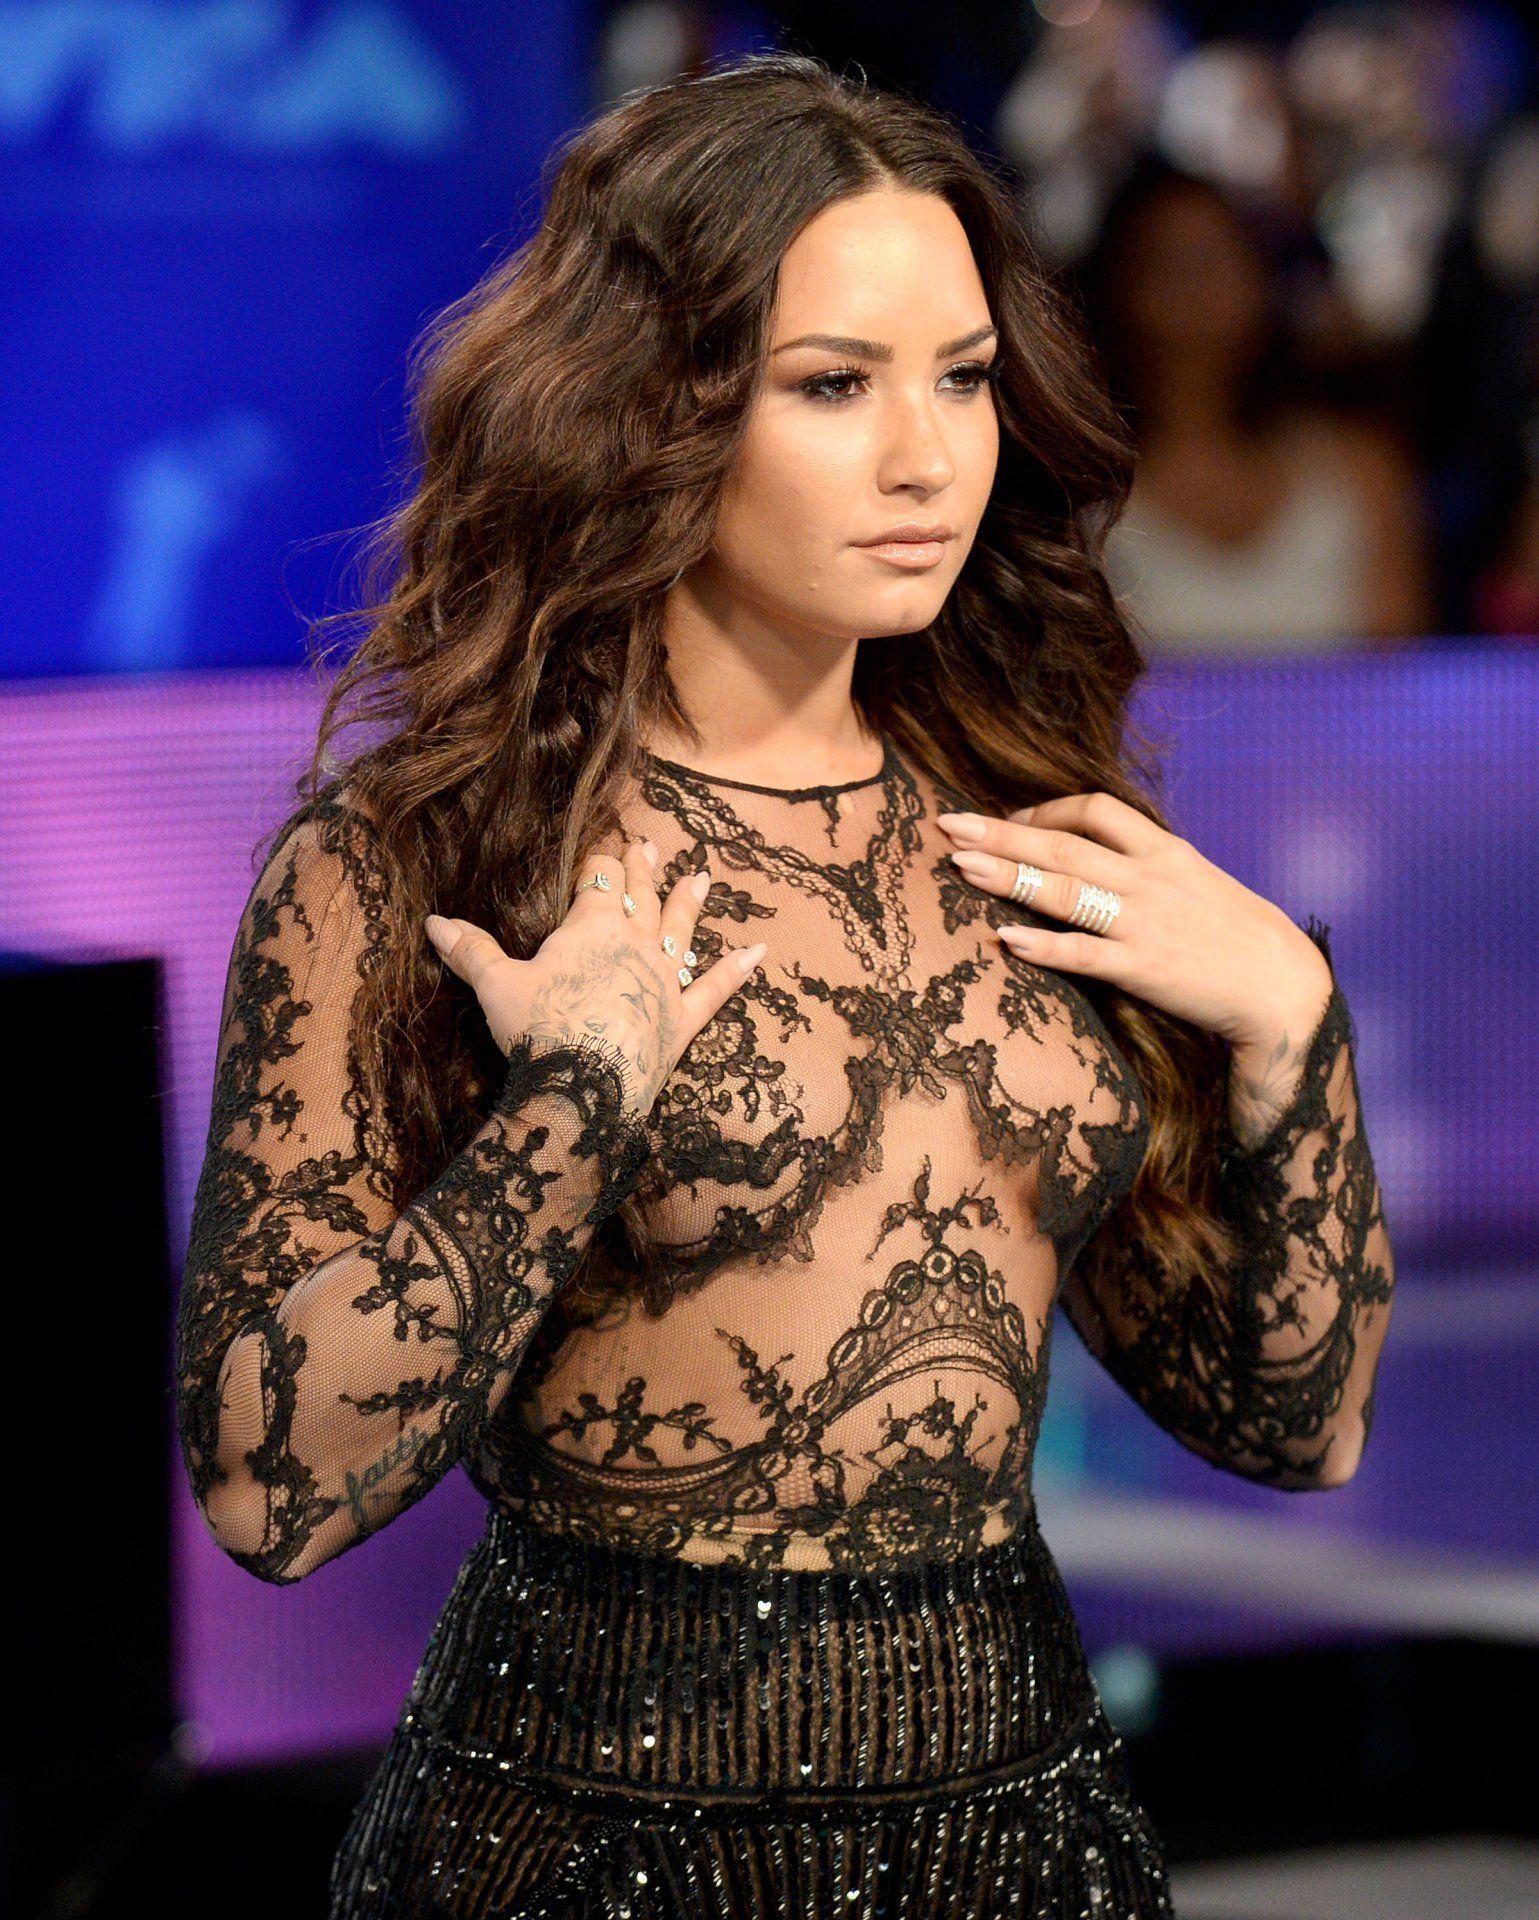 Demi Lovato leaked naked